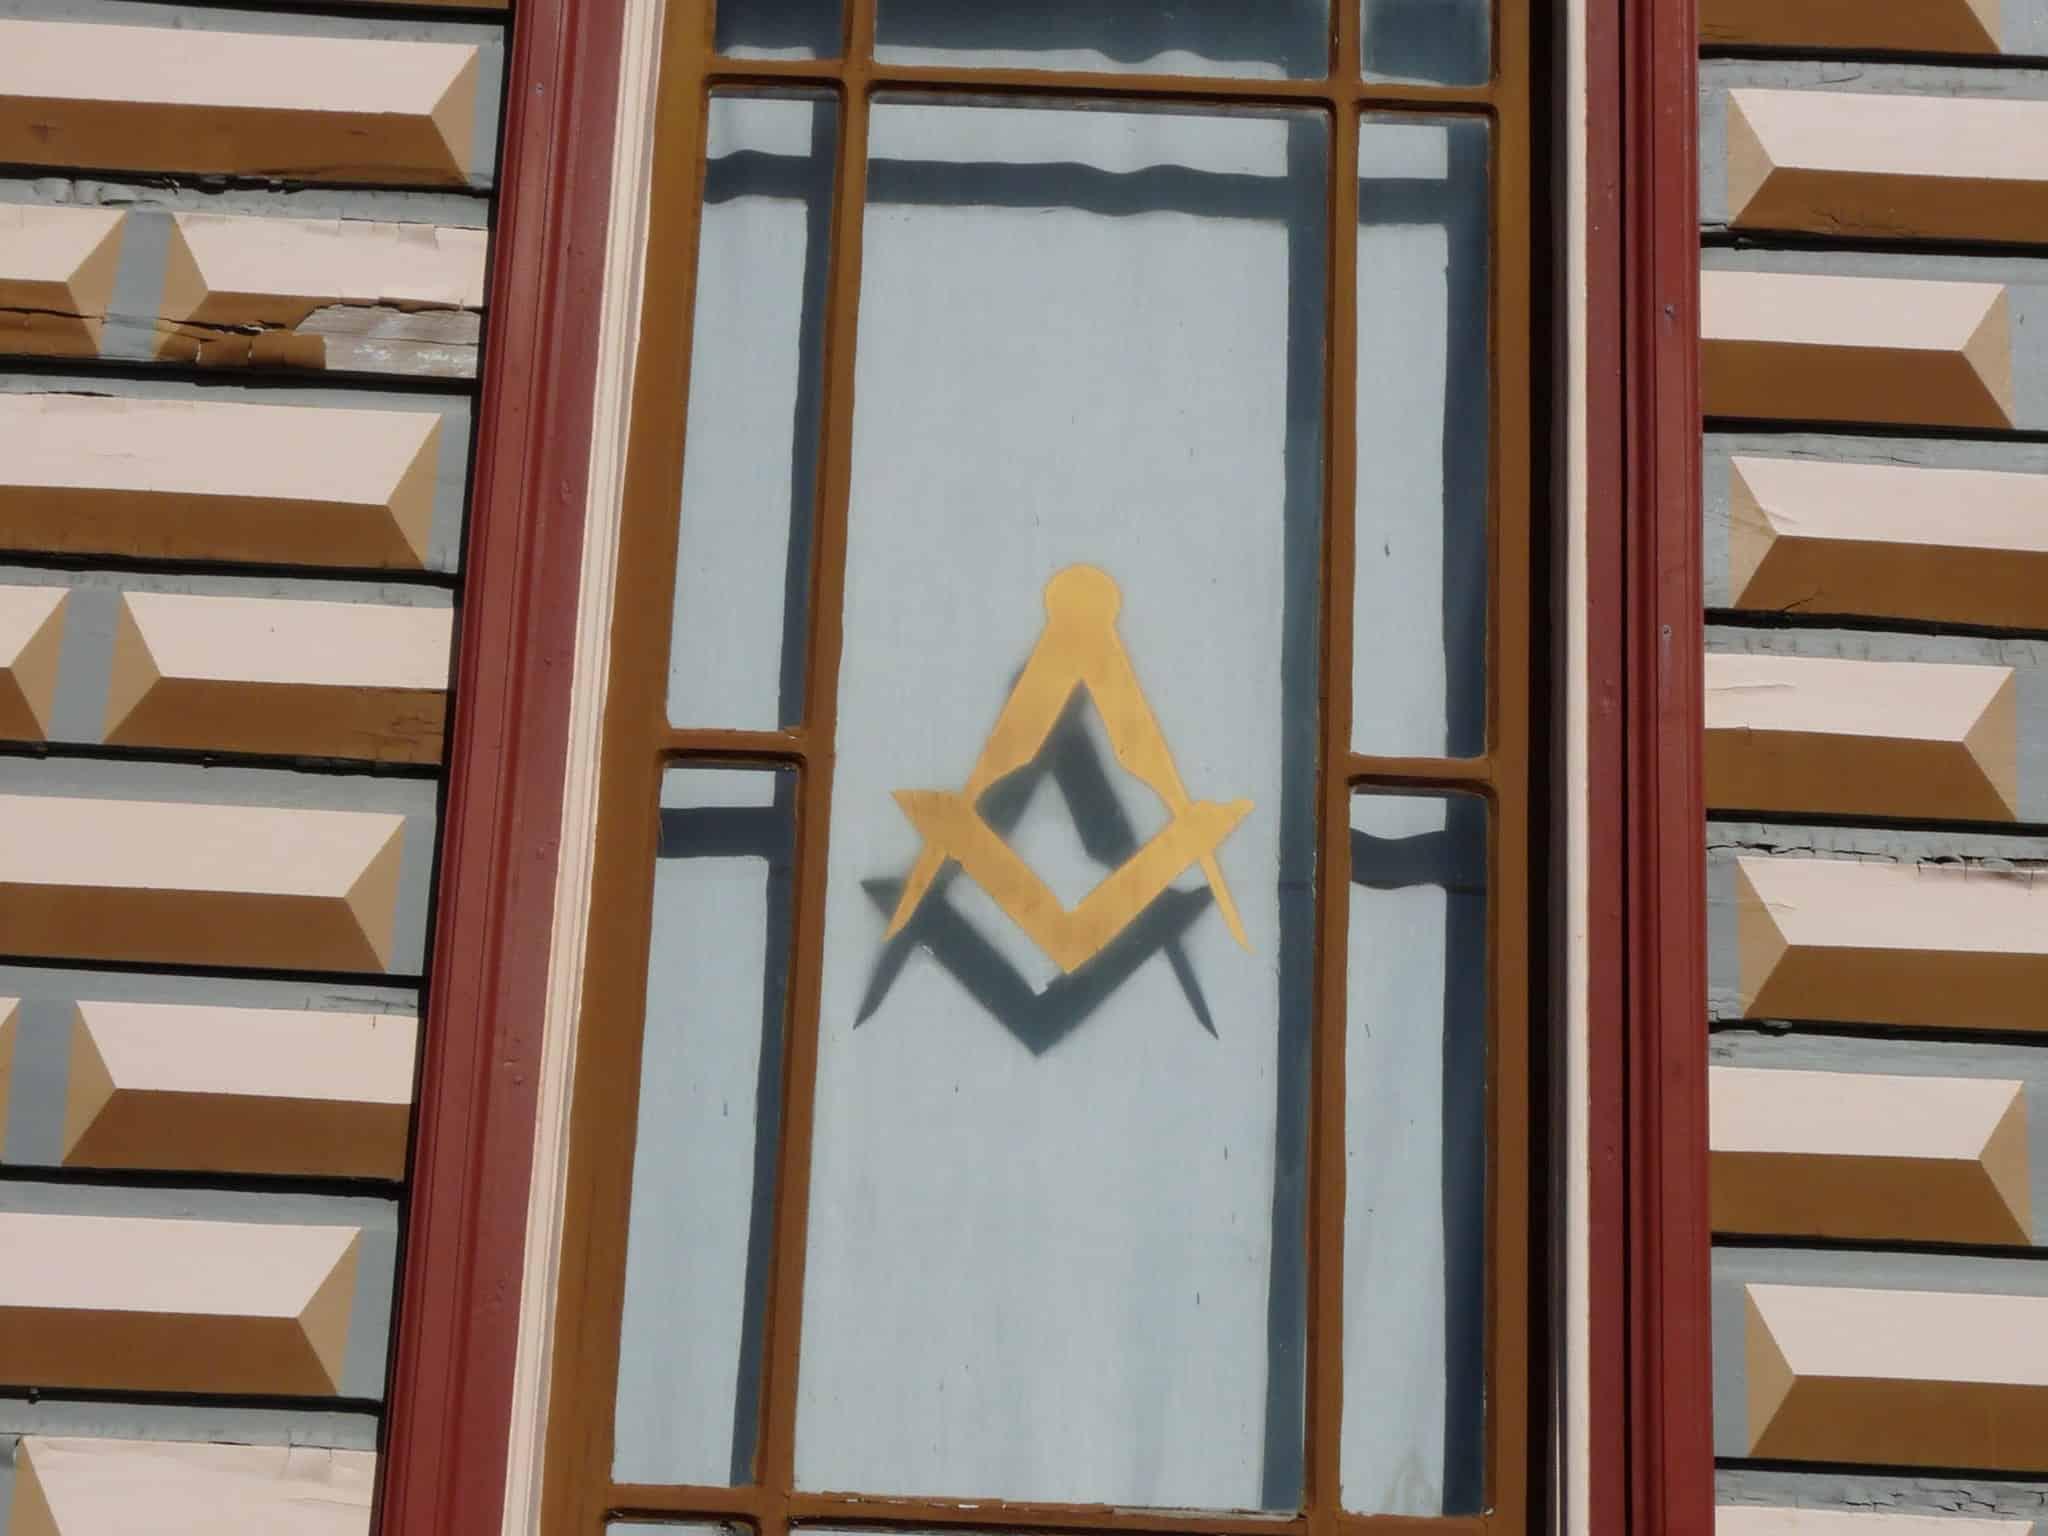 window tuyi876756f